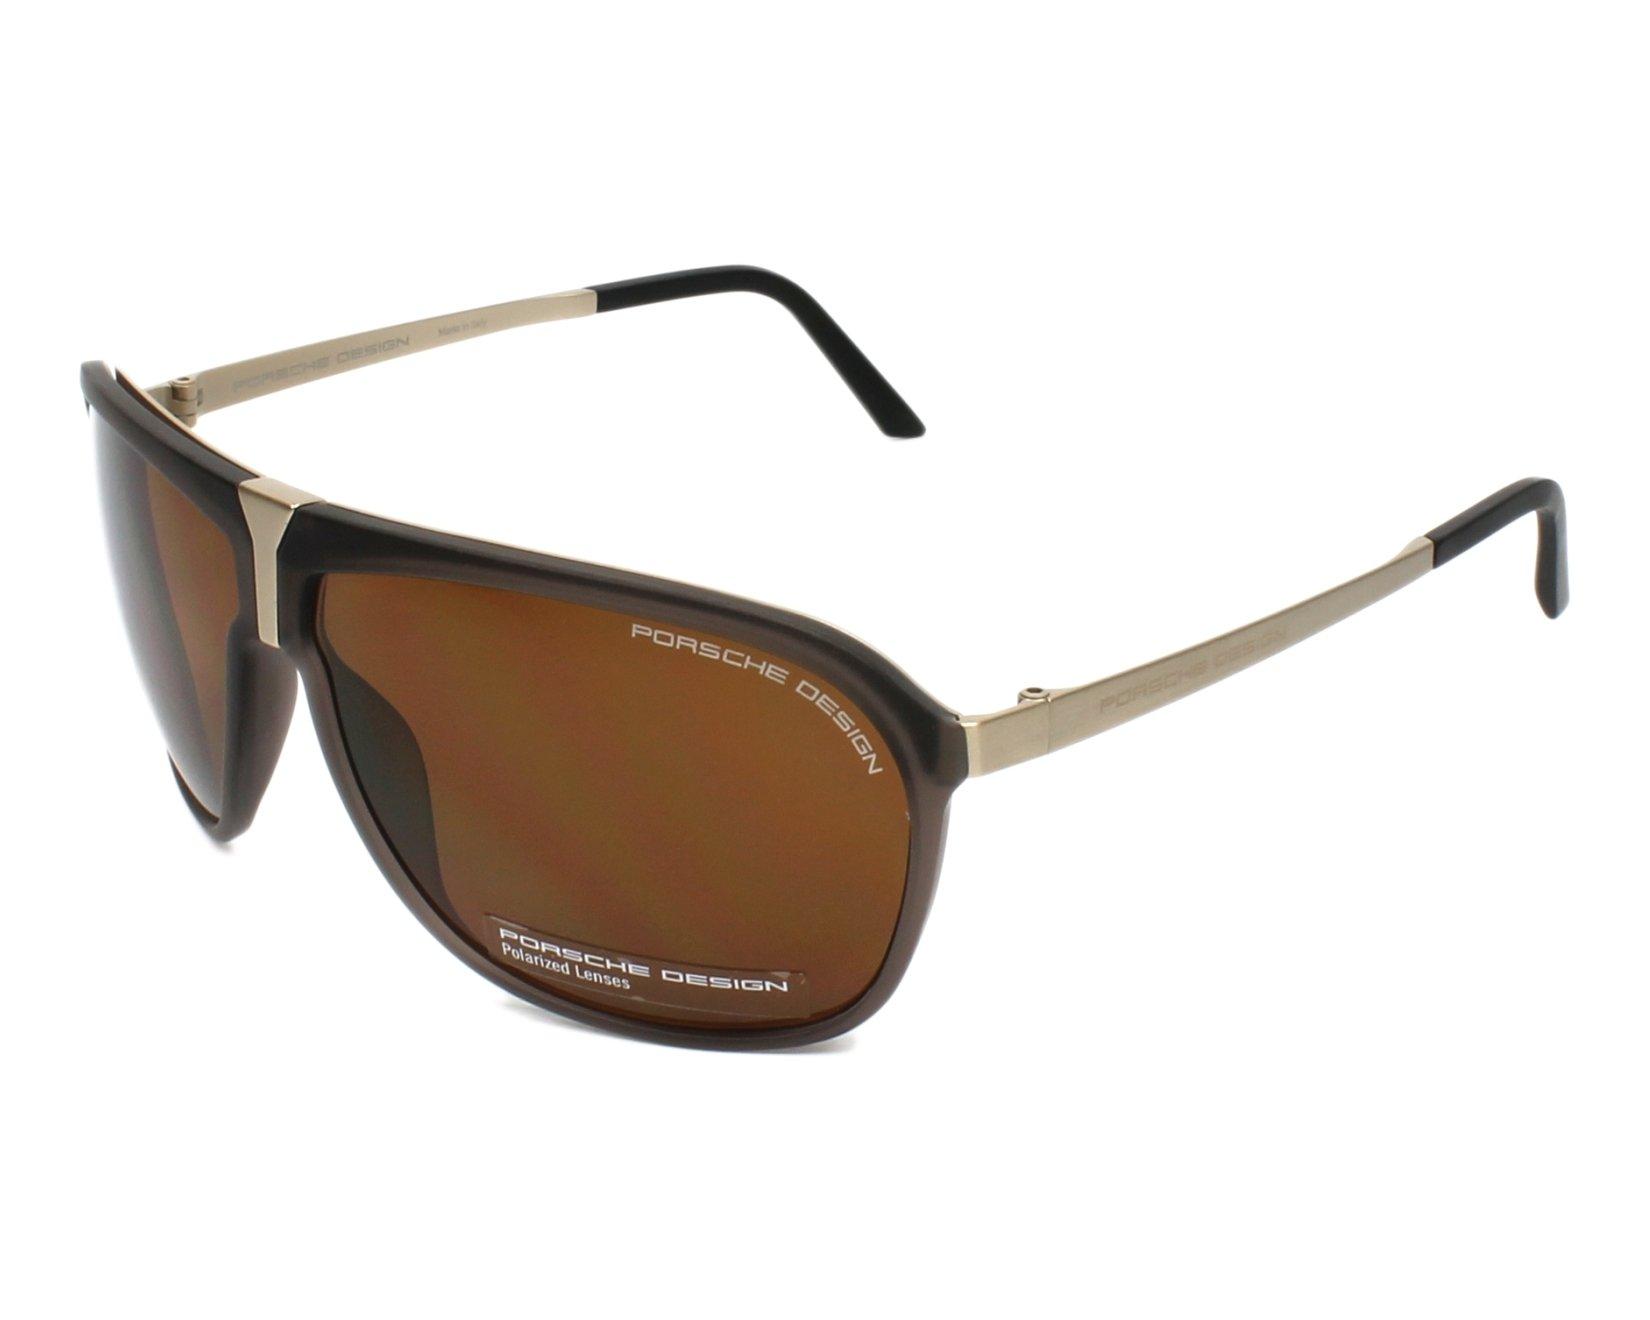 Porsche Design Sonnenbrille (P8618 A 64) 9CqNvbP